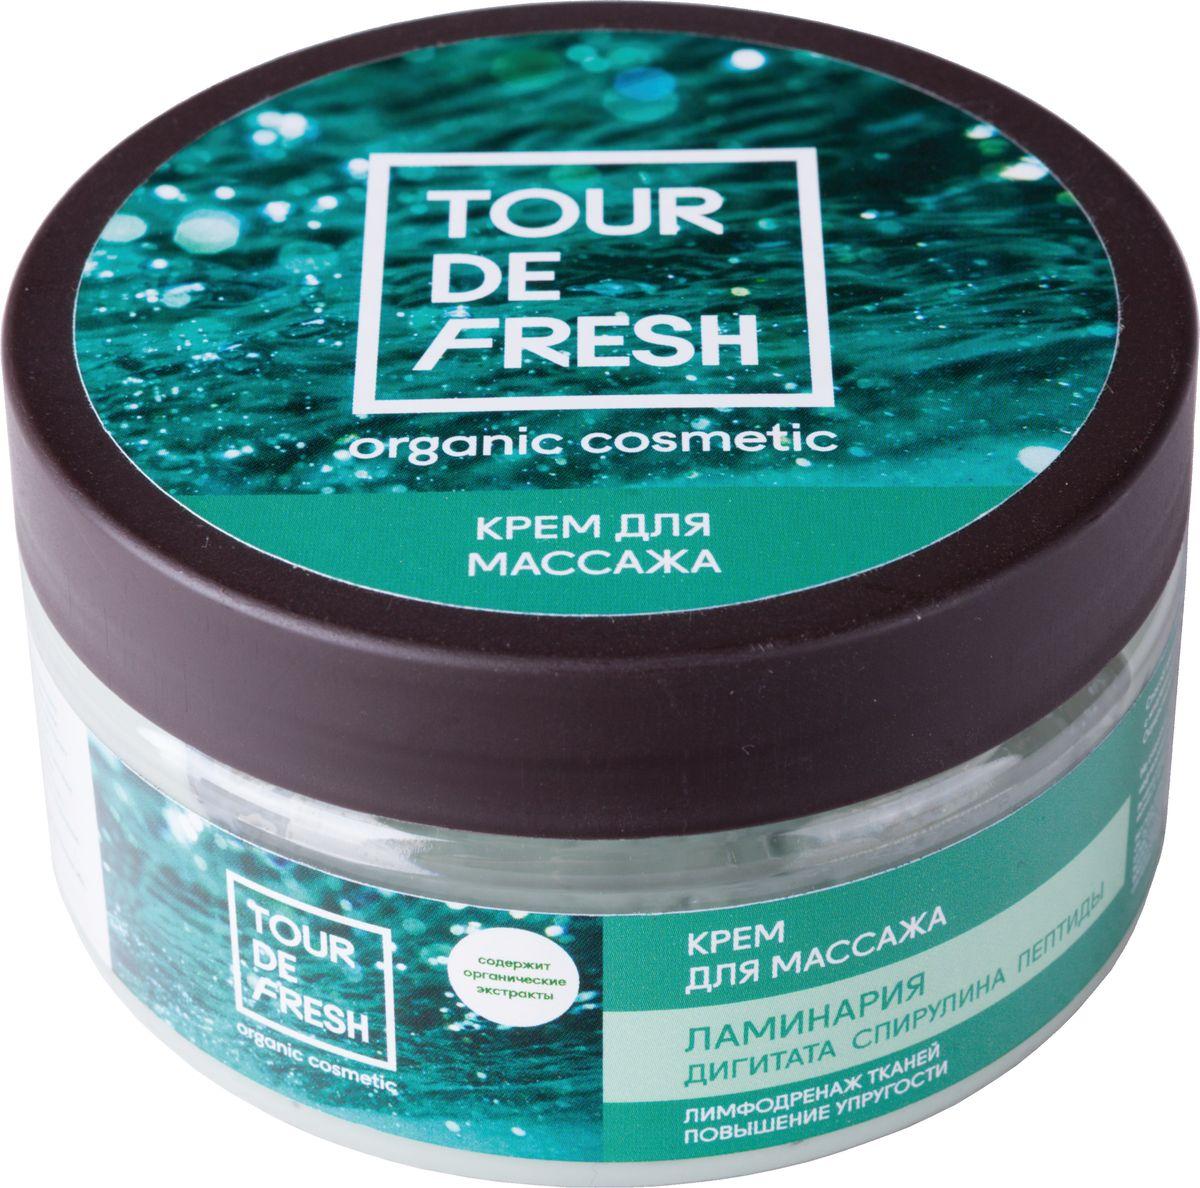 Tour De Fresh Крем для массажа Водоросли для минерализации и упругости, 200 млУФ000000047Ламинария способствует естественному лимфодренажу, улучшает микроциркуляцию, делает кожу эластичной и подтянутой. Экстракт ламинарии питает кожу, бережно очищает и увлажняет, поддерживая естественный водный баланс. Пептиды проникают в глубокие слои кожи, стимулируя регенерацию клеток и защищая коллаген от разрушения. Спирулина насыщает кожу витаминами и минералами, предупреждая появление морщин и пигментных пятен.